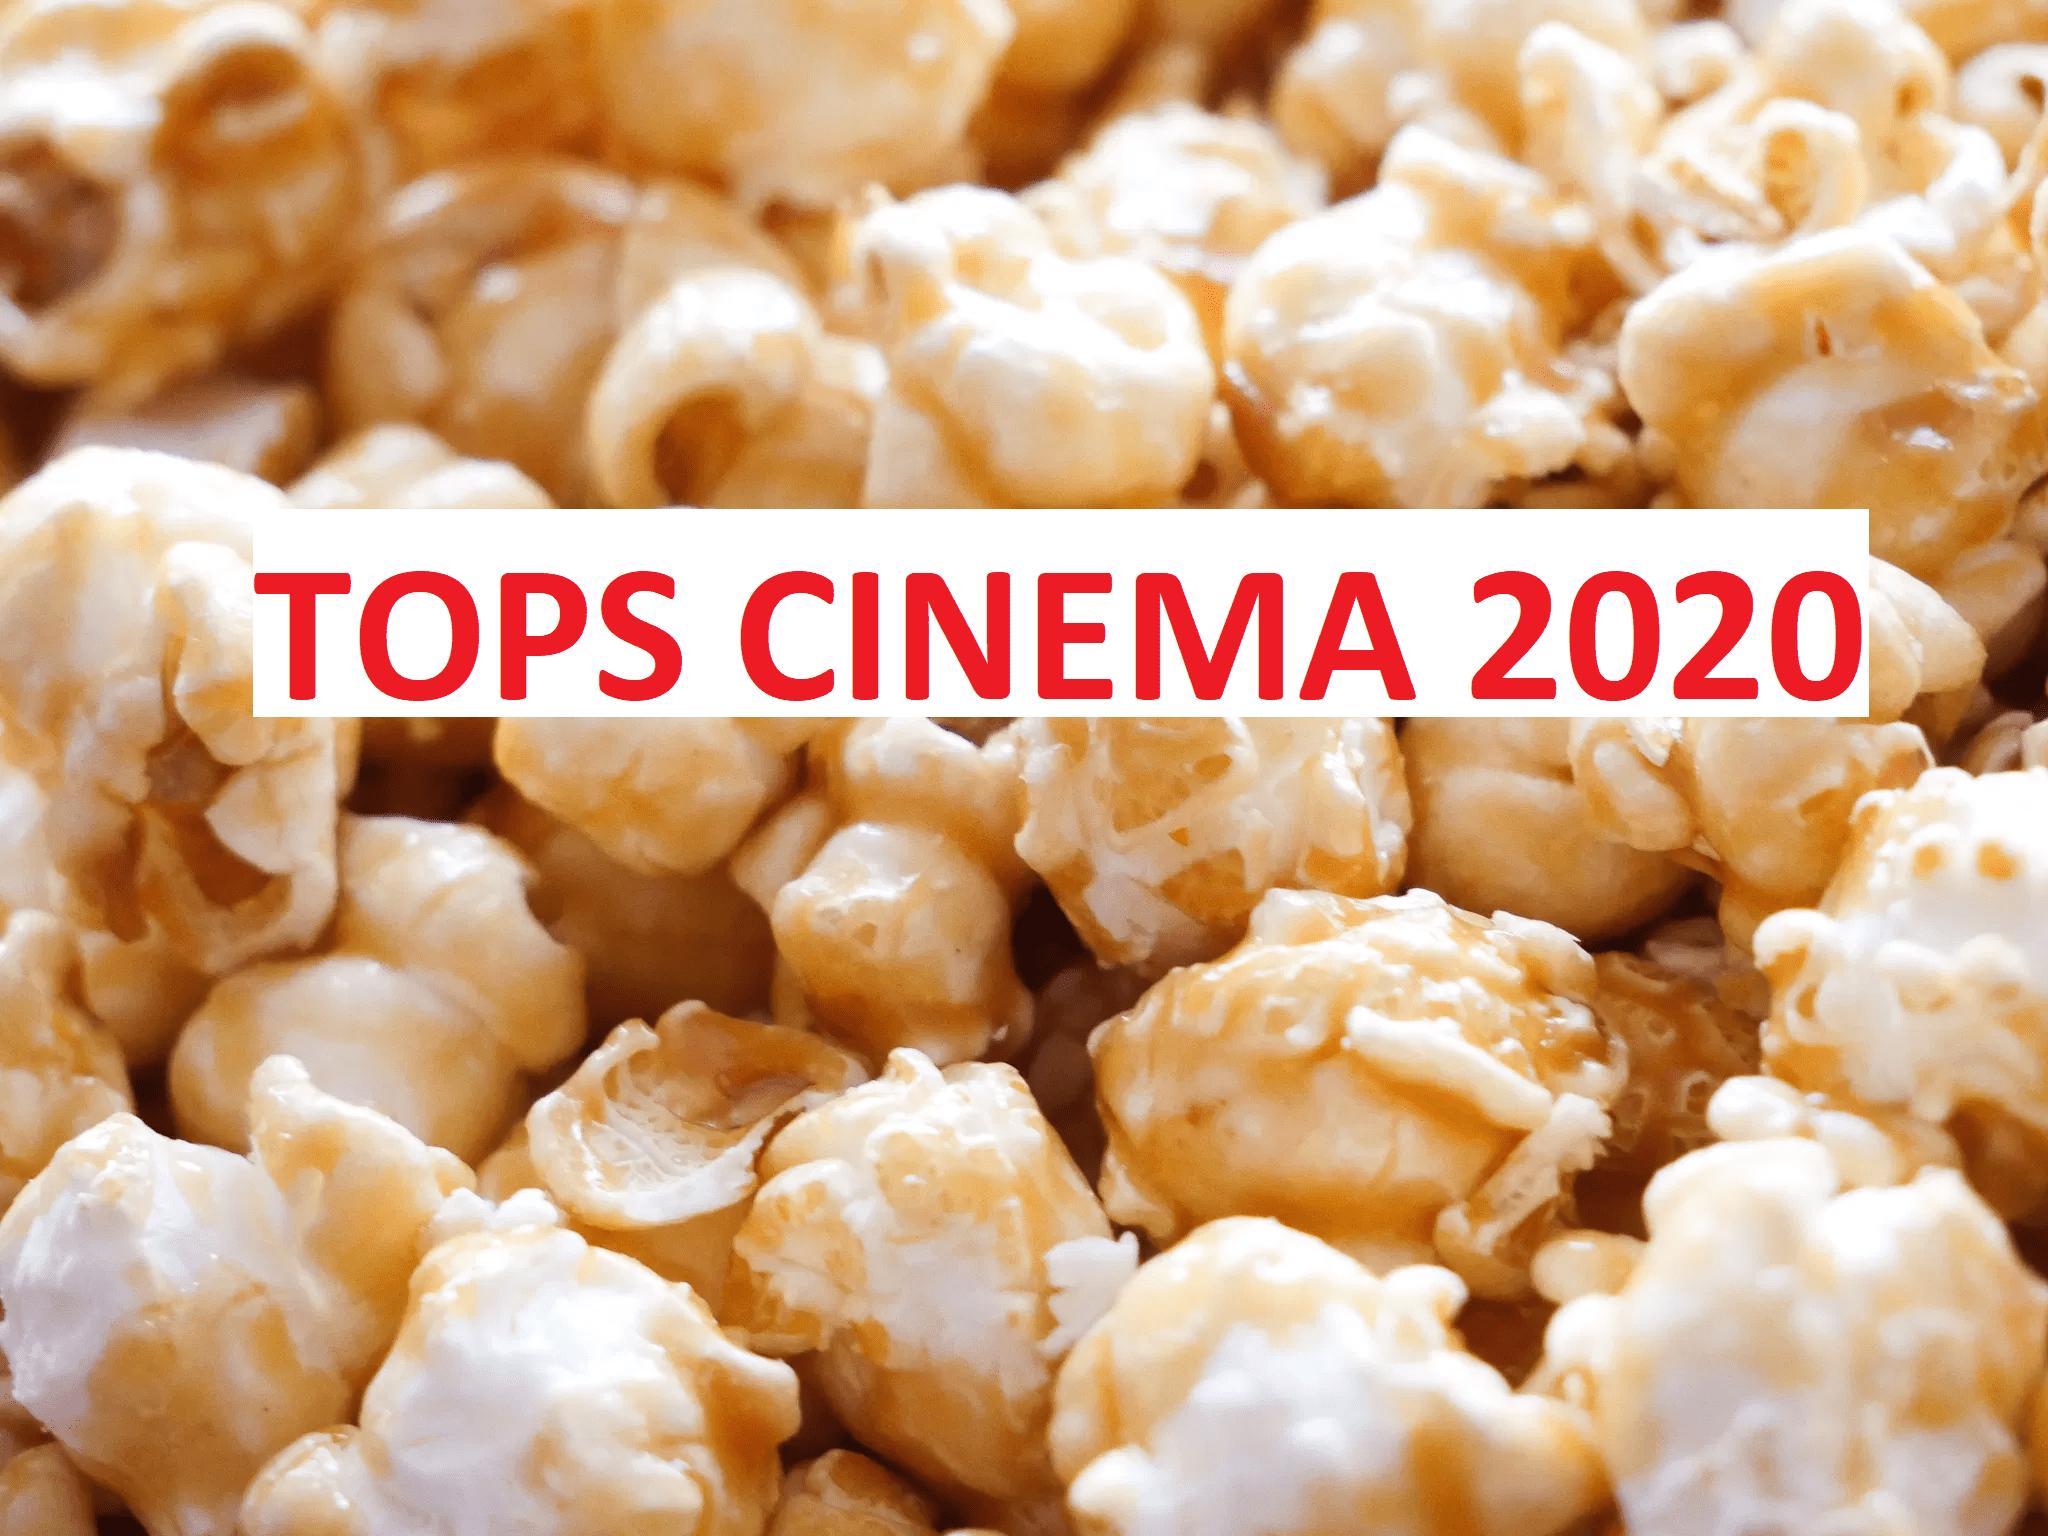 Tops cinéma – 2020